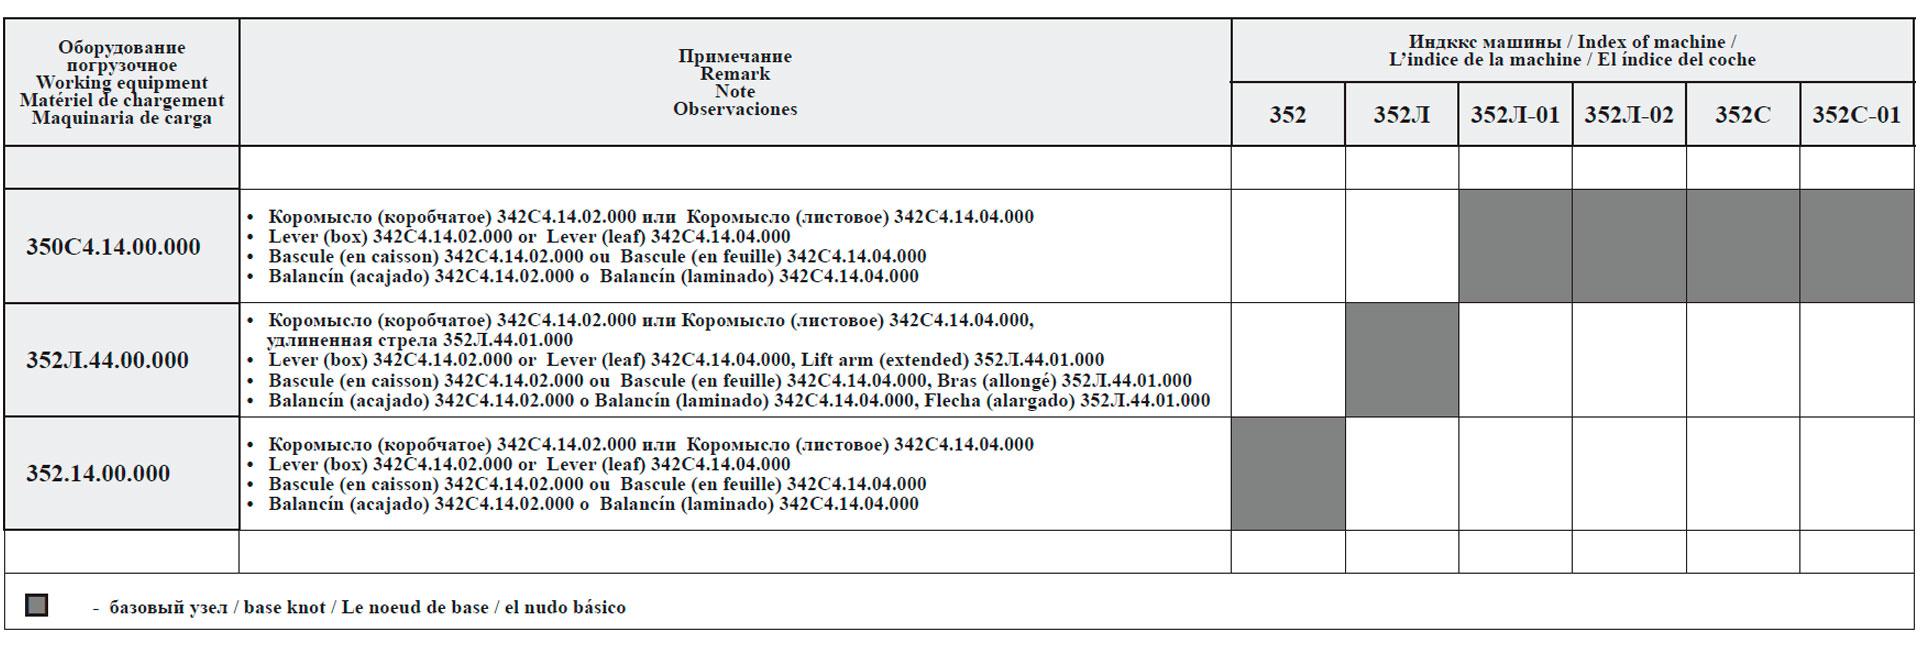 Сводная таблица исполнений погрузочного оборудования для машин грузоподъемностью 5 т